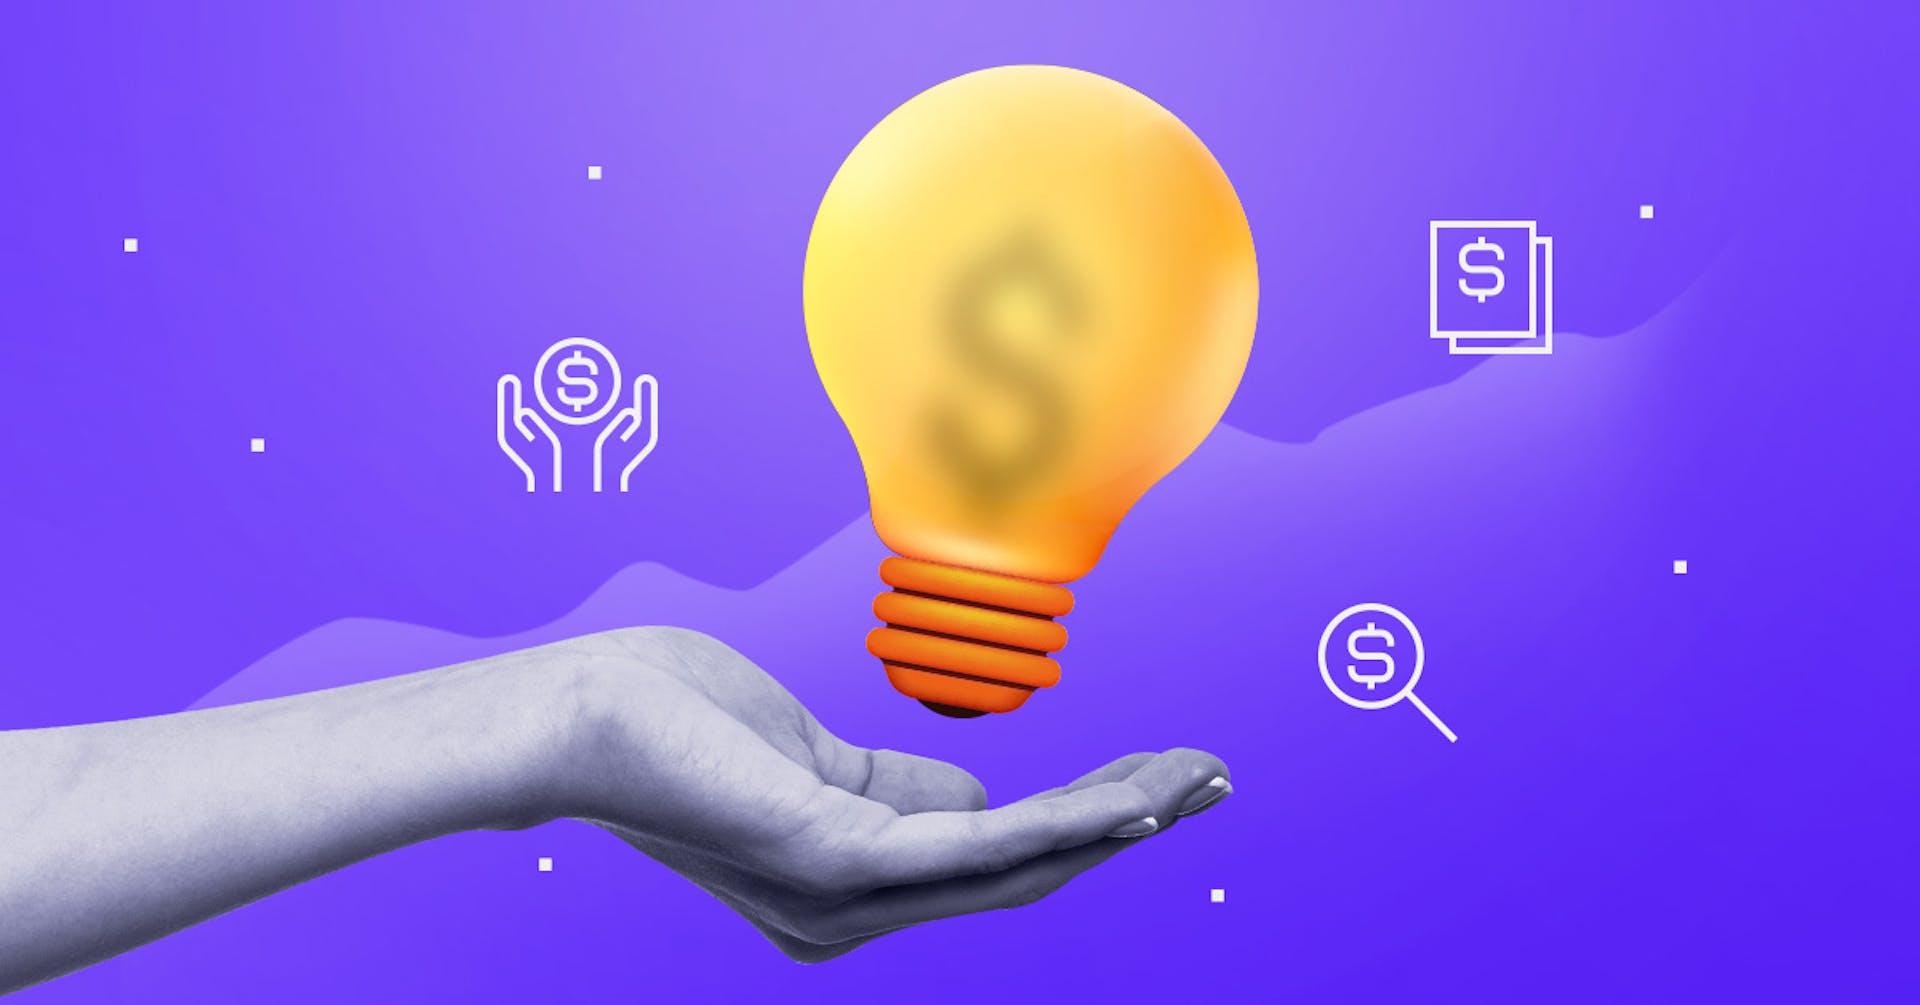 ¿Cómo vender una idea de negocio? El misterio revelado del Pitch deck